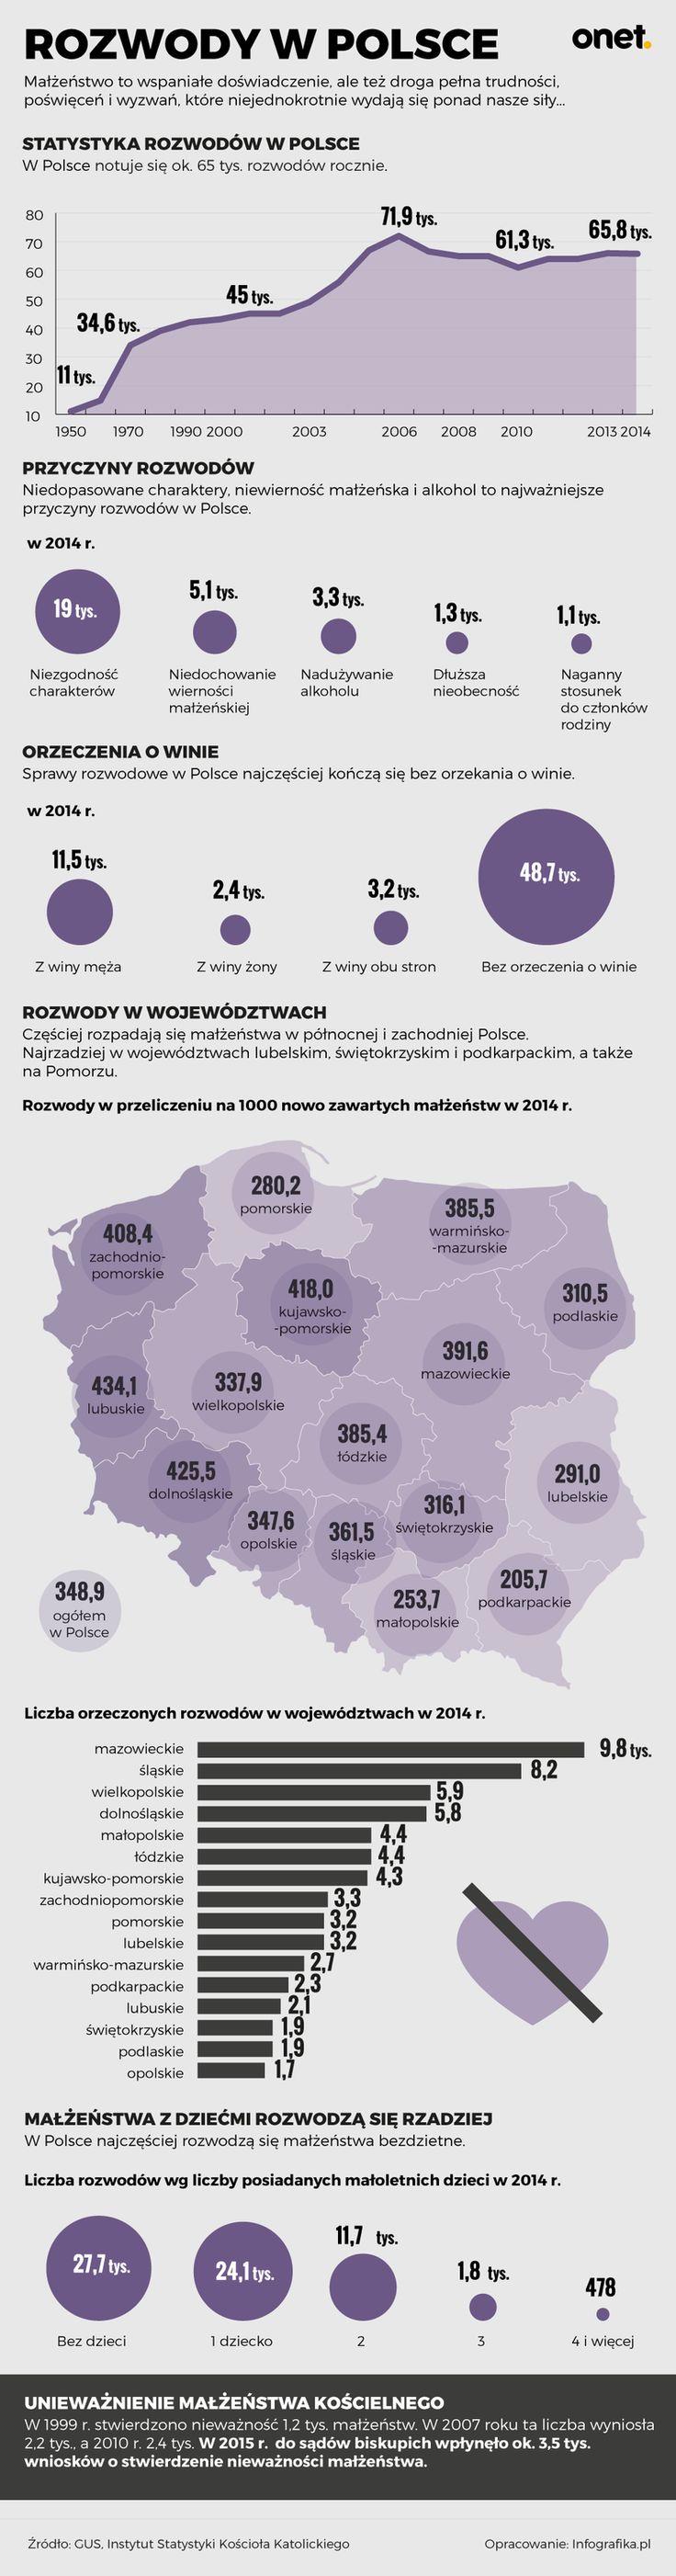 W Polsce rozpada się już co trzecie małżeństwo. Jakie są przyczyny, gdzie jest najgorzej - najważniejsze fakty - Kobieta